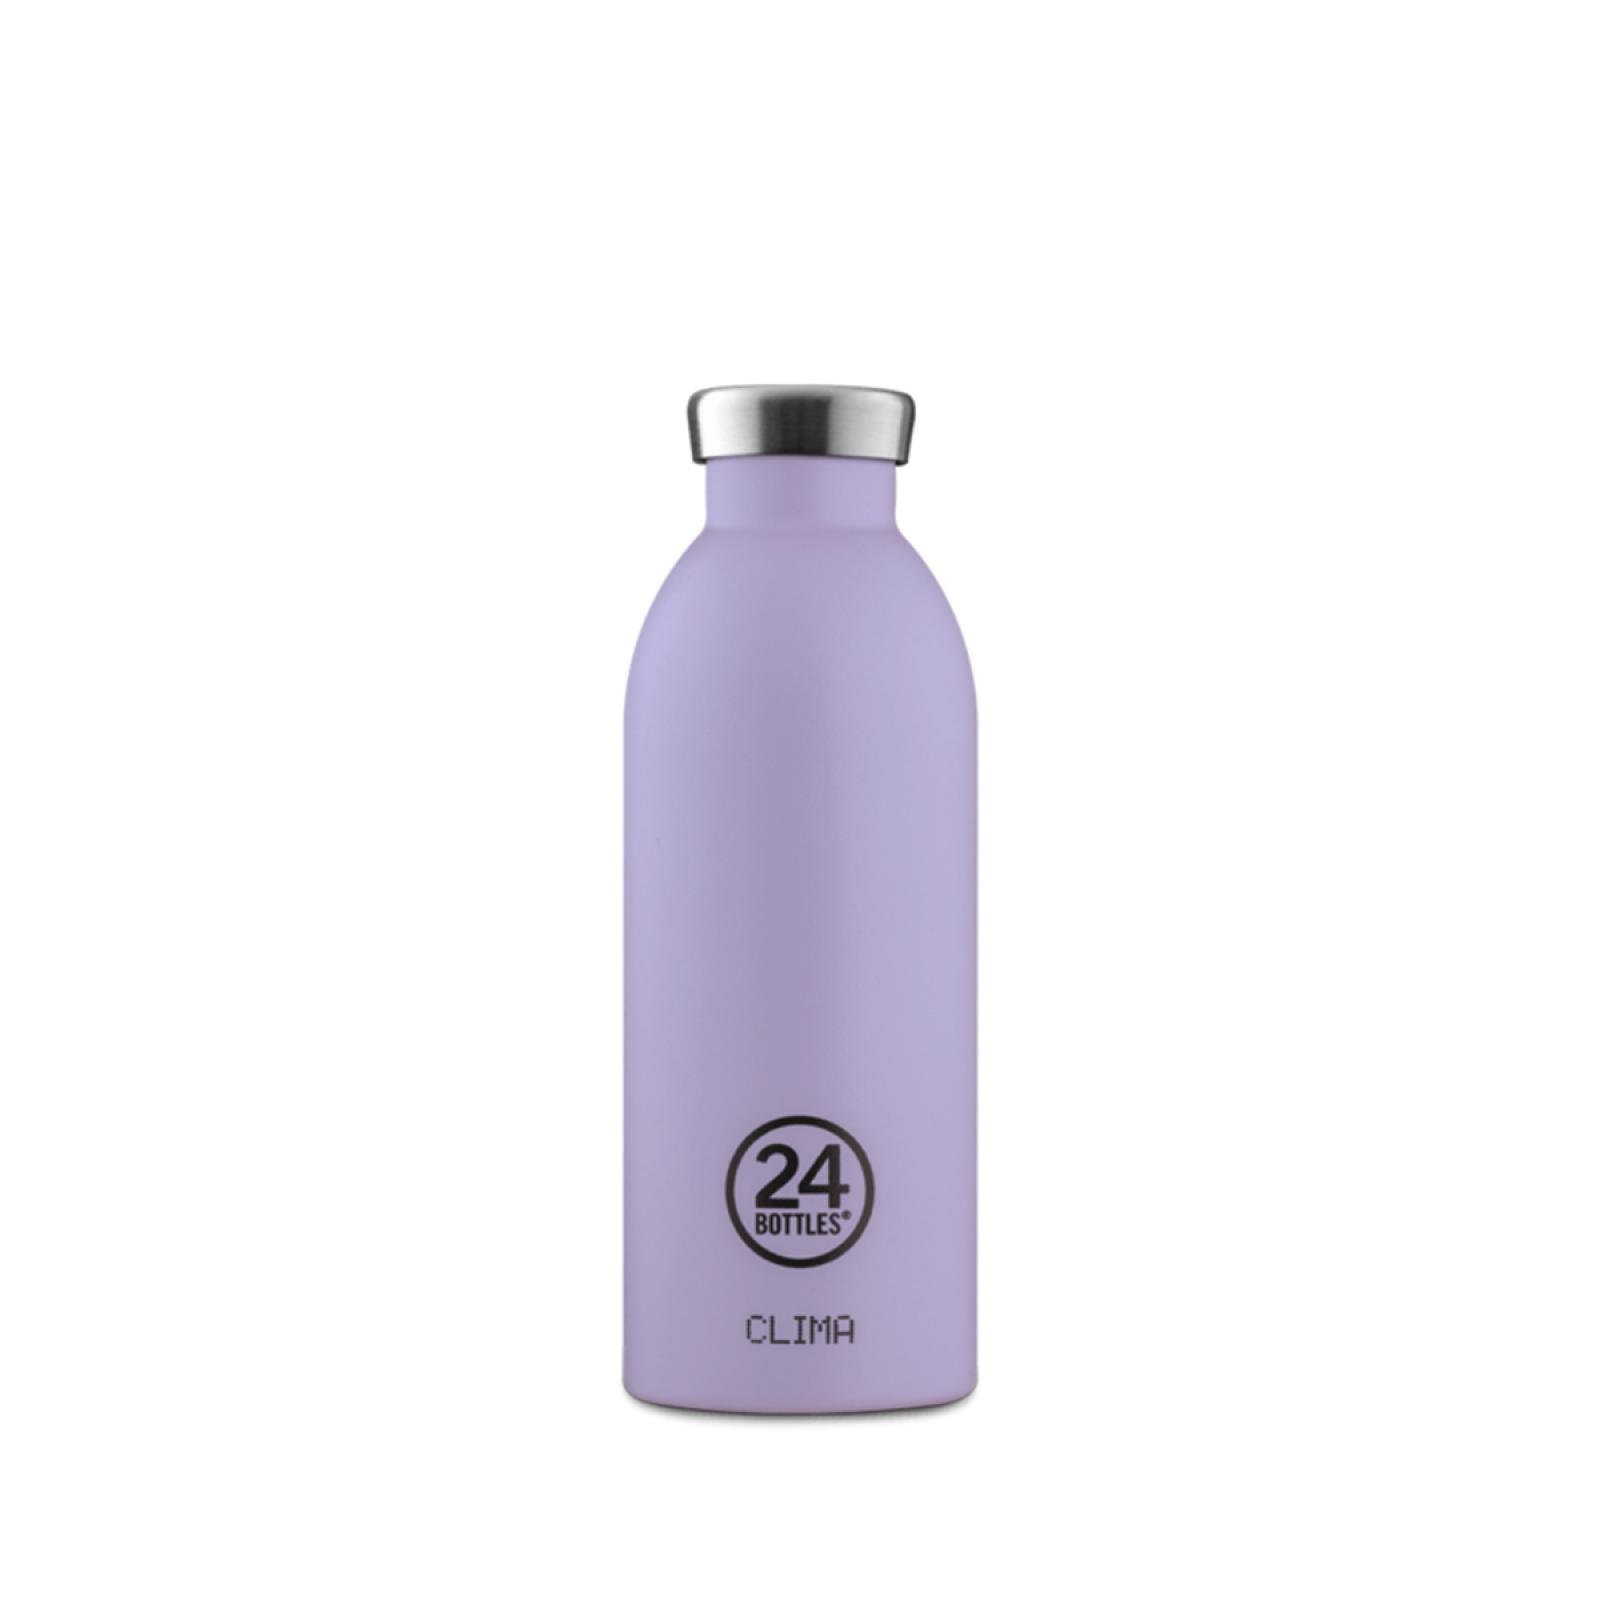 24 Bottles Clima Bottle Erica 500 ml - 1